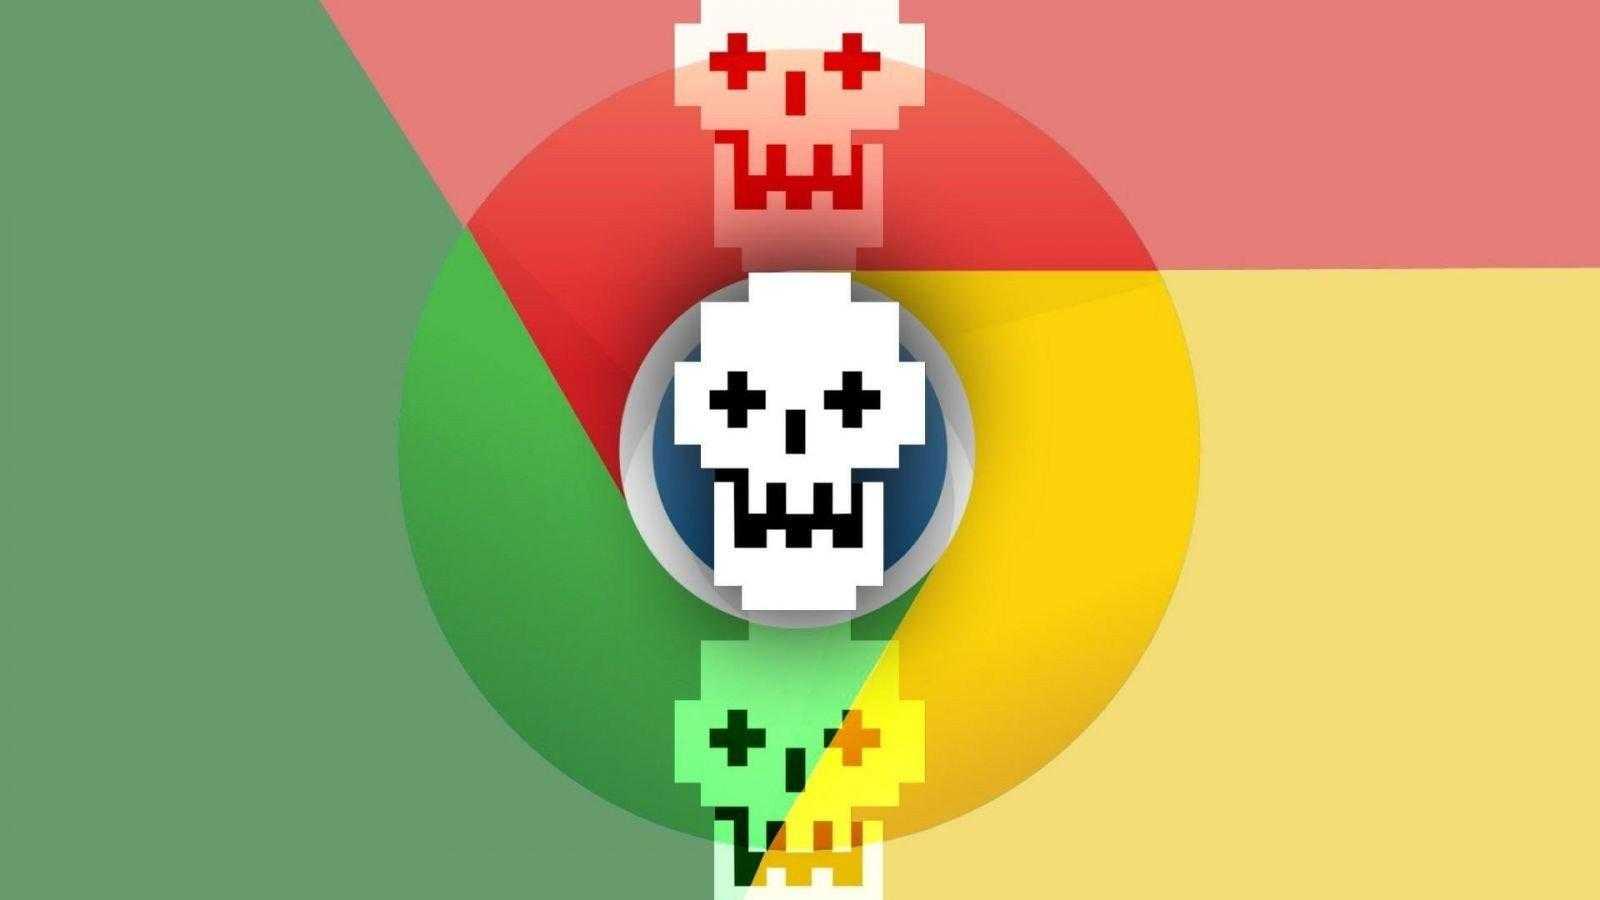 Экспериментальная функция может уменьшить использование памяти в Google Chrome (google chrome skull)